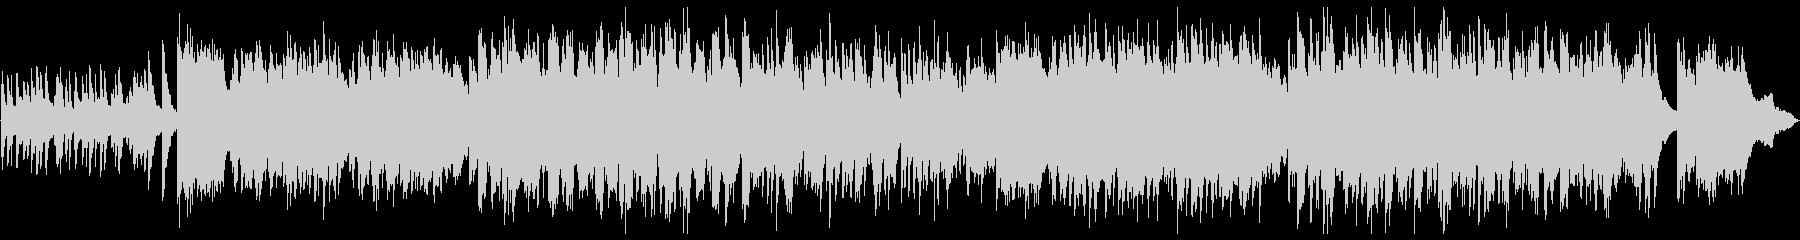 ピアノソロのノスタルジックなバラードの未再生の波形